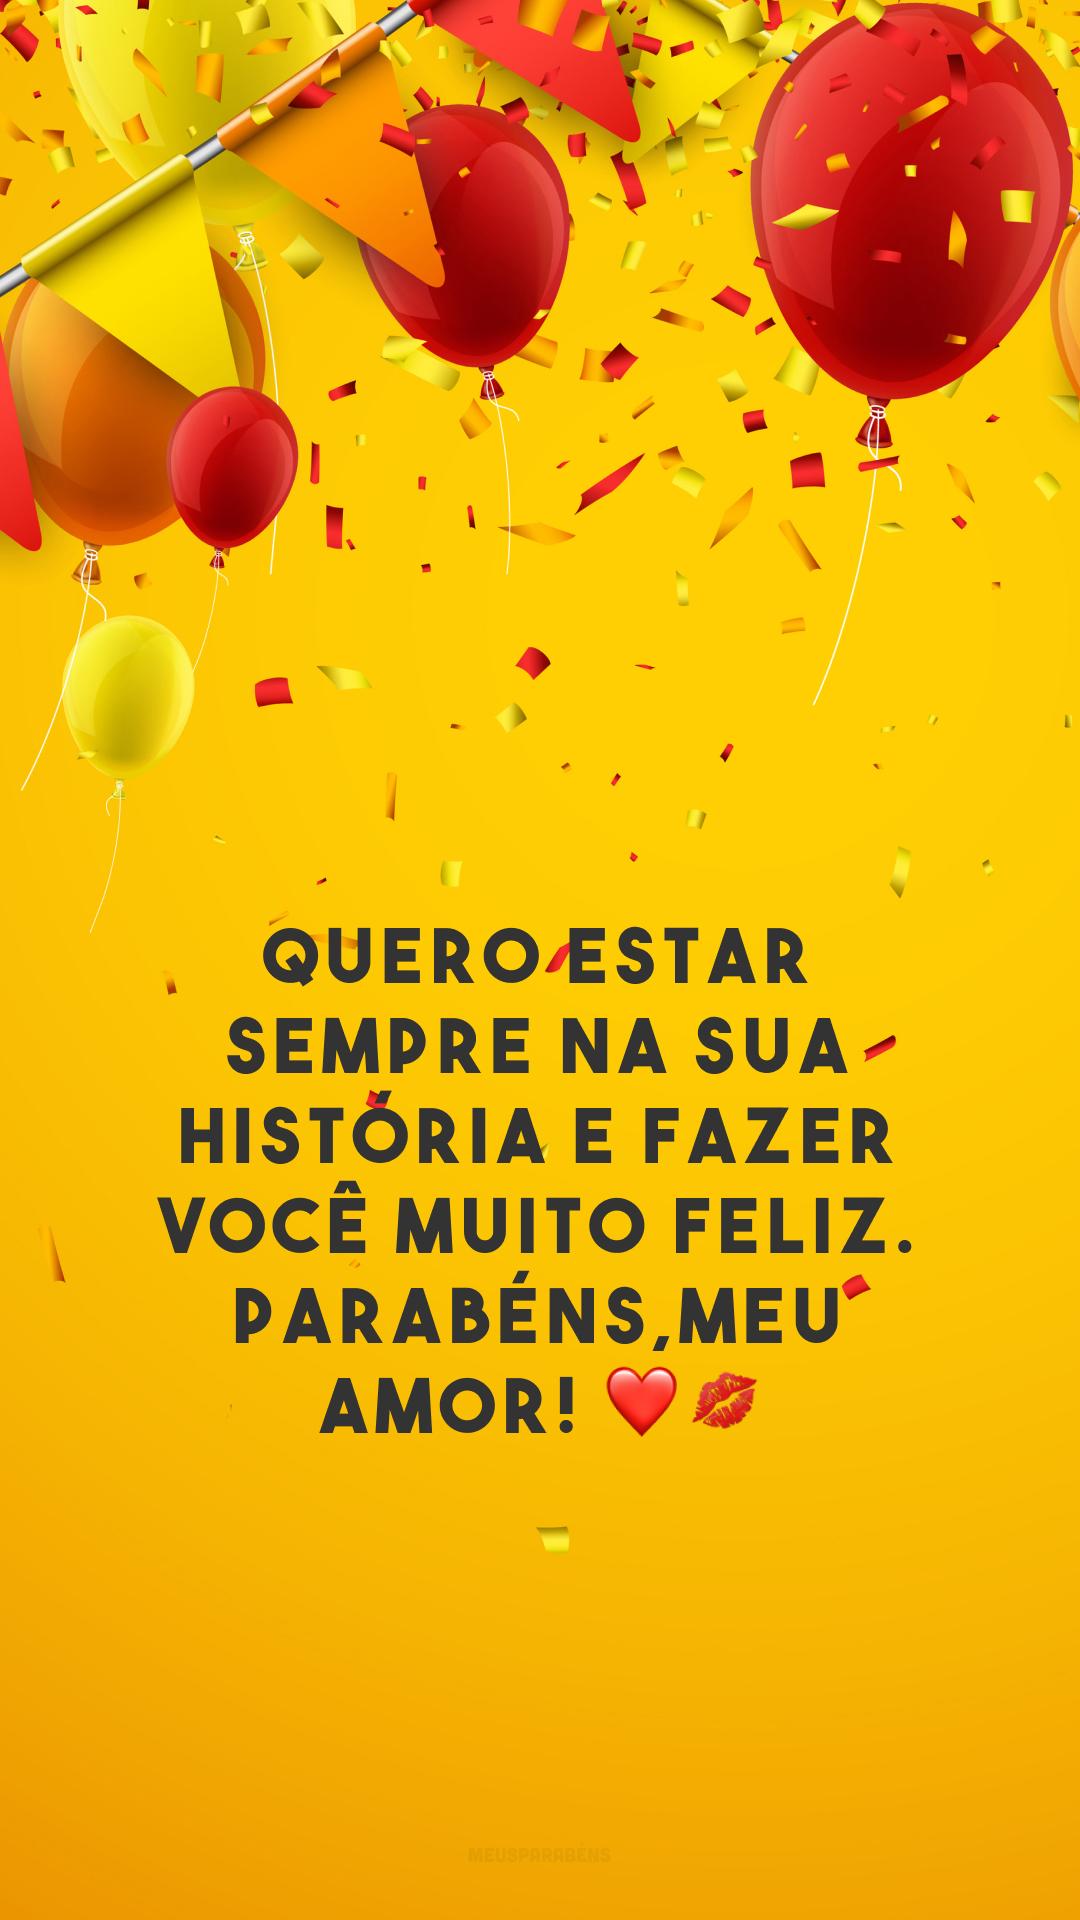 Quero estar sempre na sua história e fazer você muito feliz. Parabéns, meu amor! ❤💋